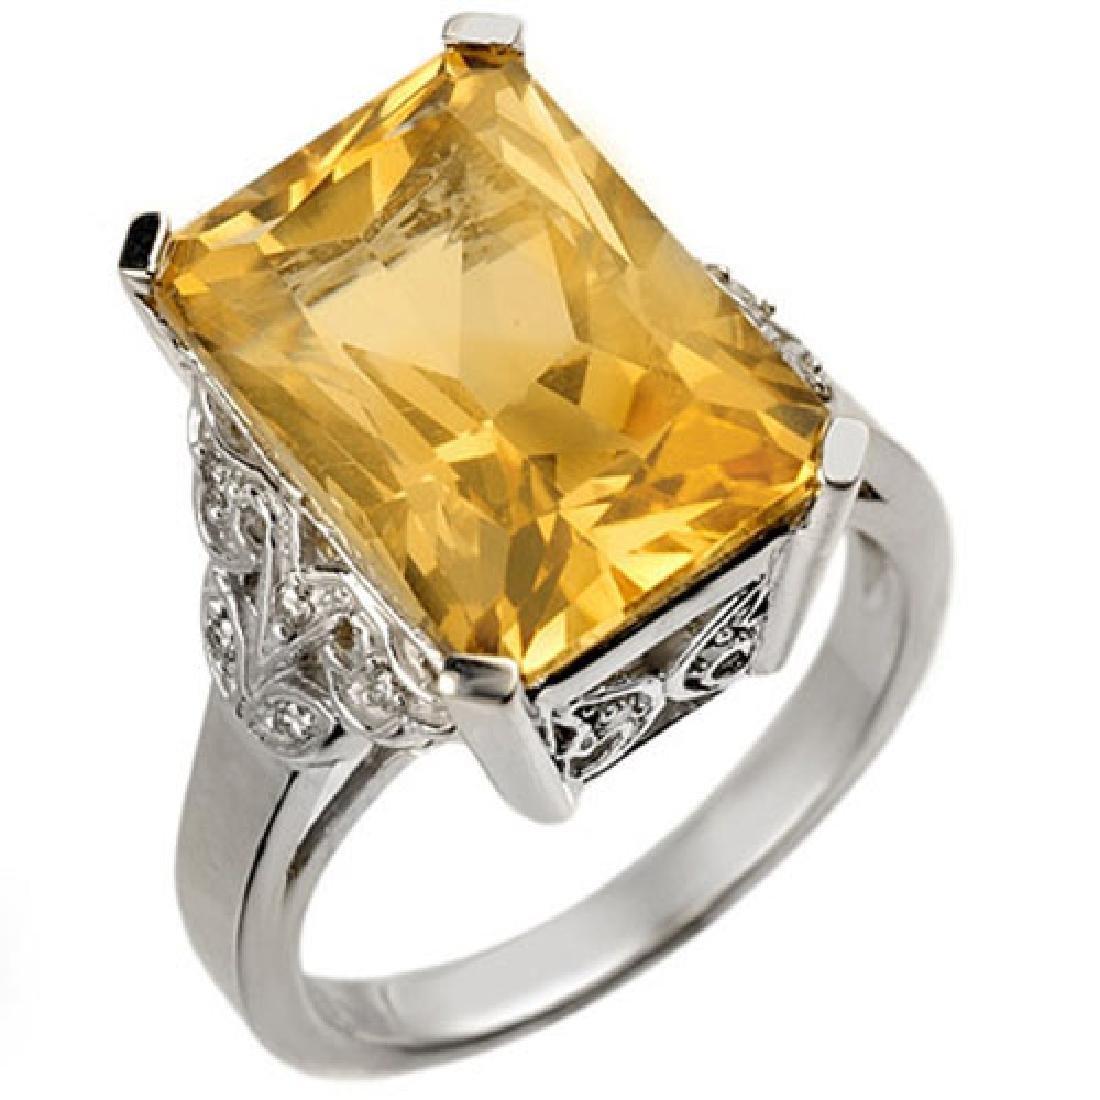 9.20 CTW Citrine & Diamond Ring 14K White Gold